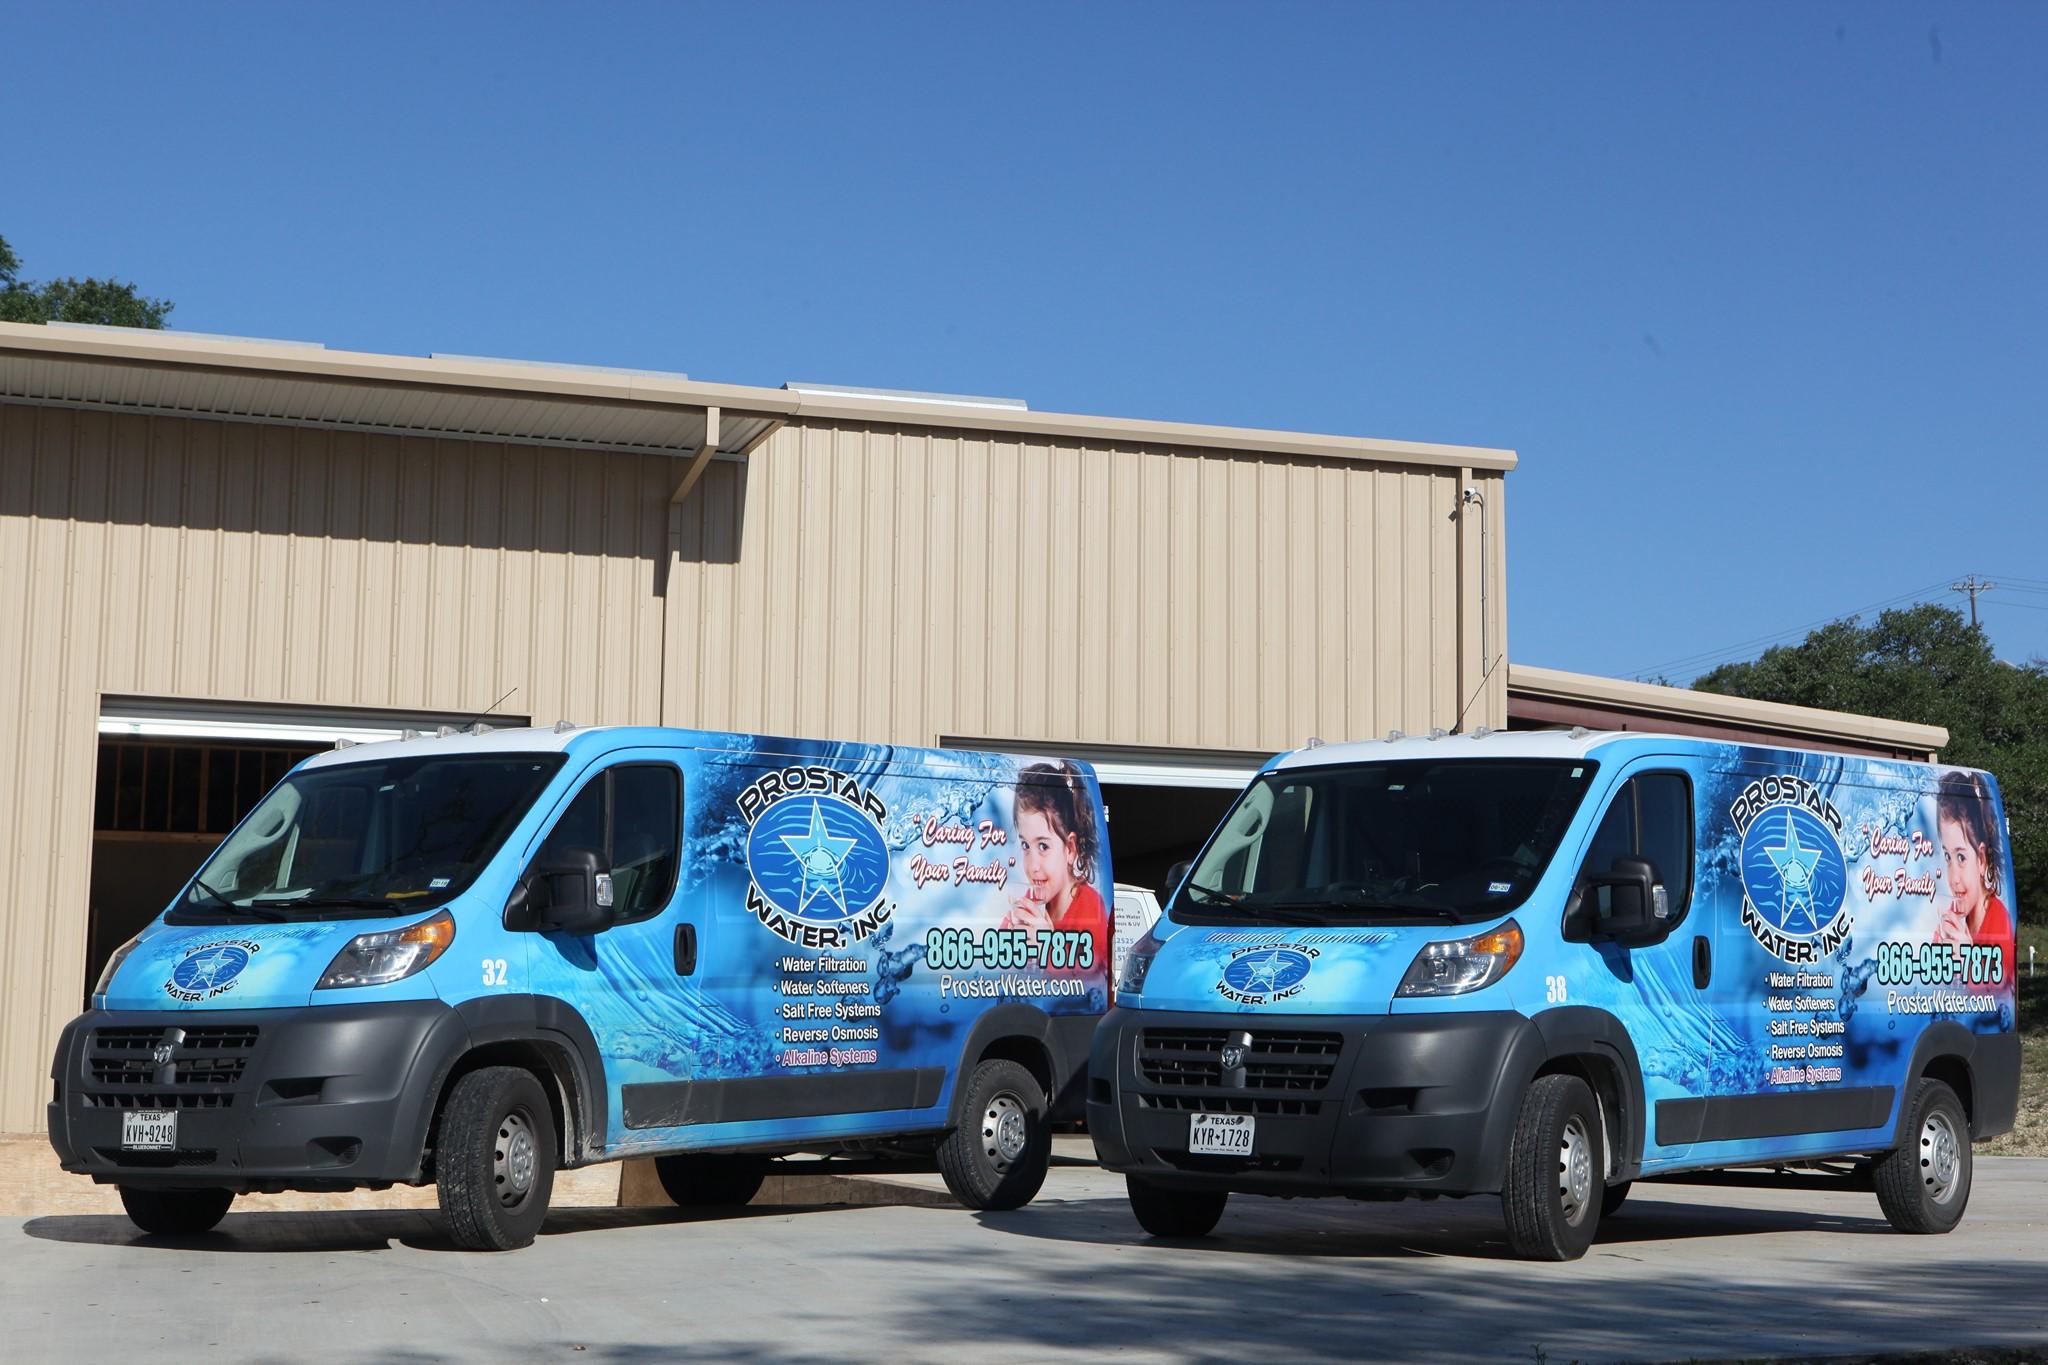 Prostar Water Vans